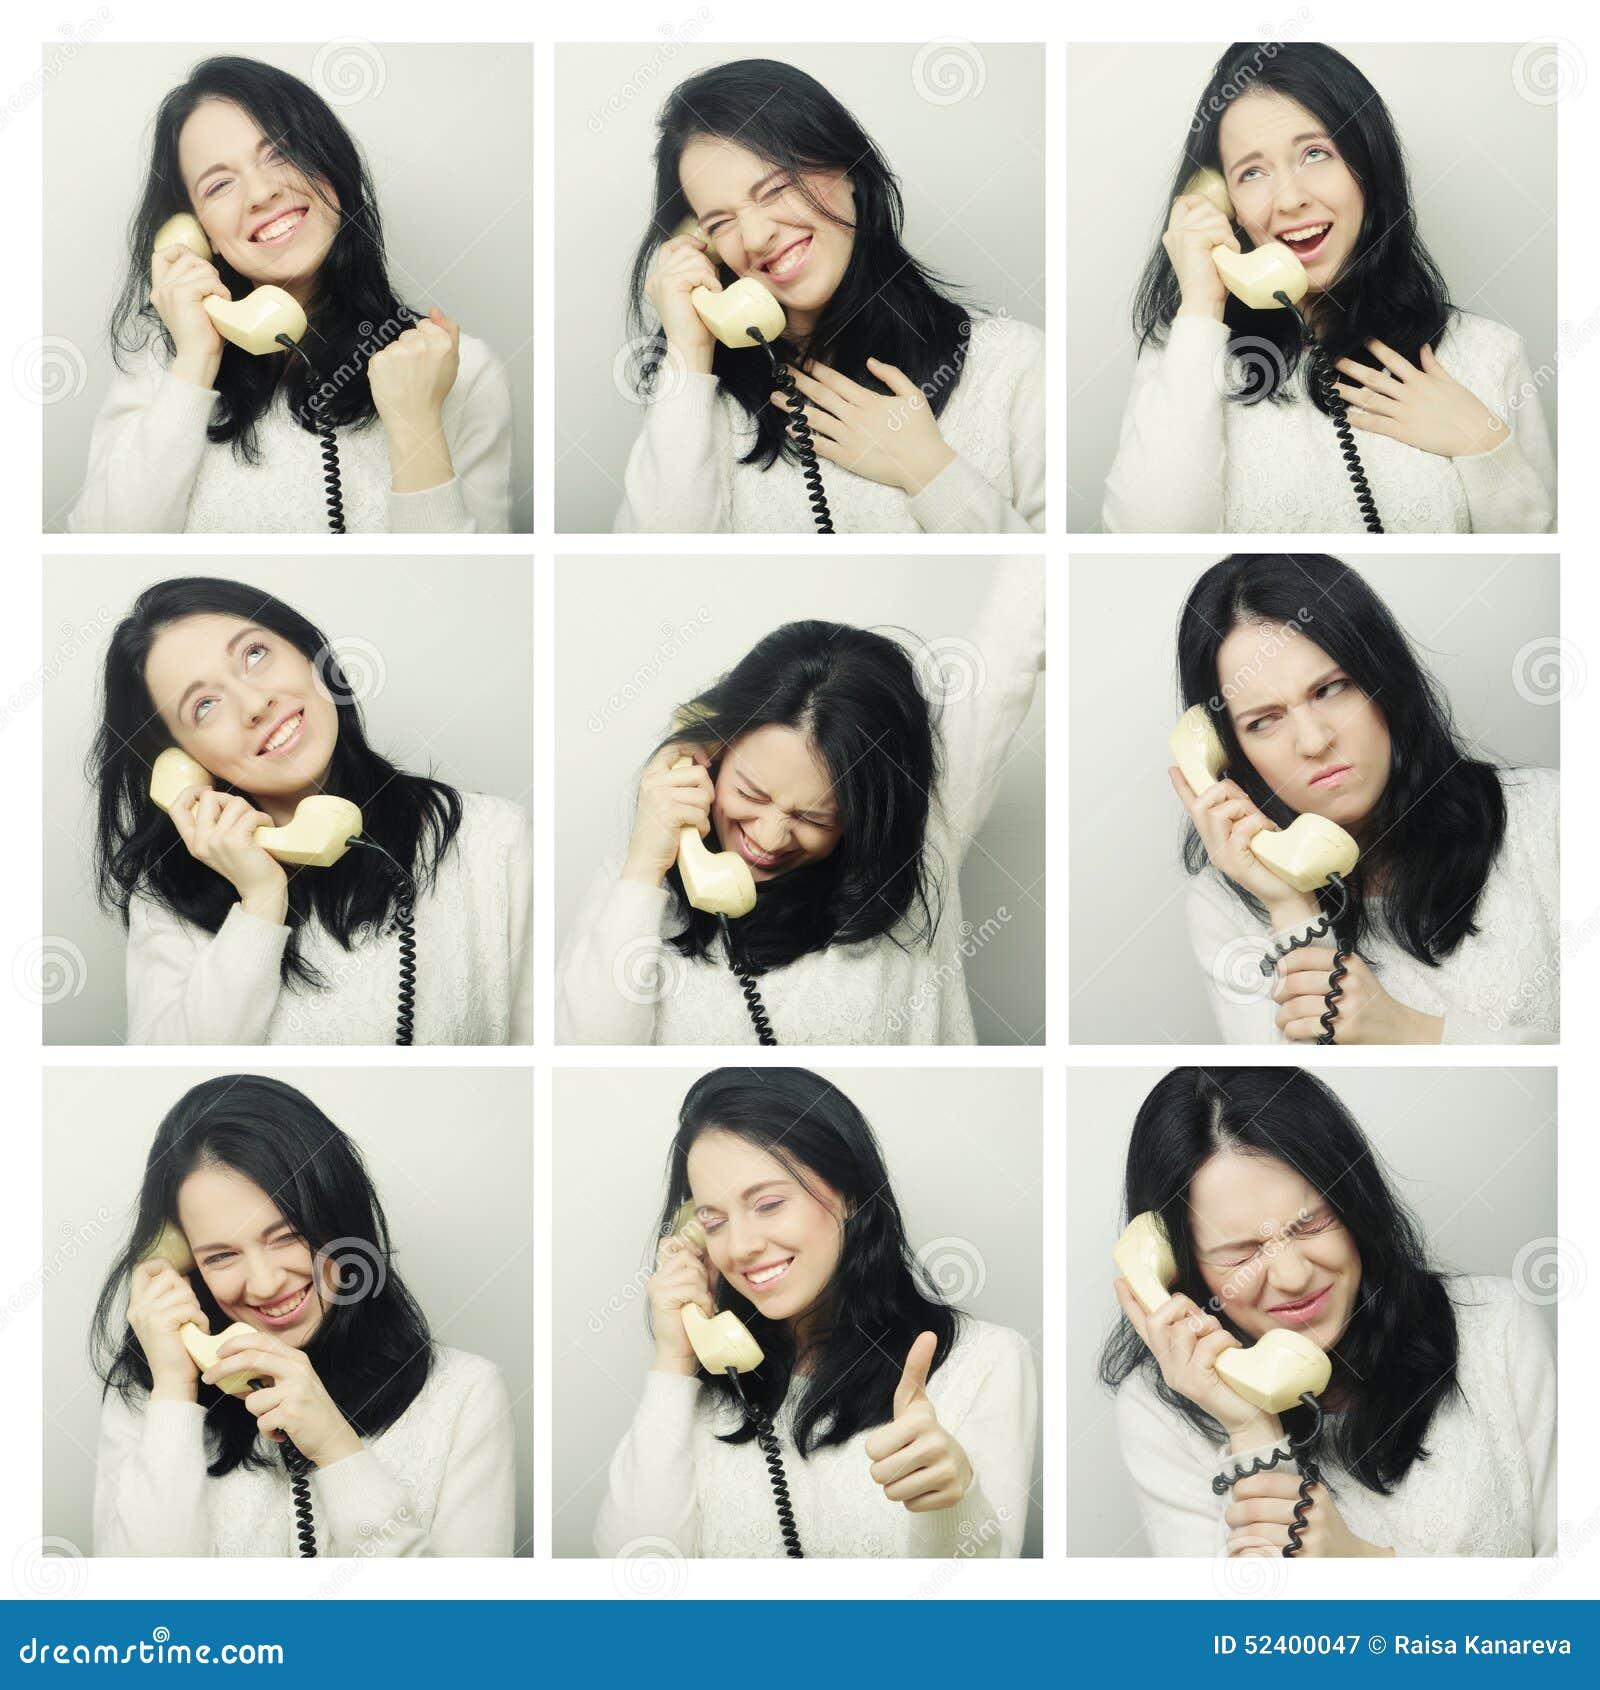 159 Collage De La Misma Mujer Fotos Libres De Derechos Y Gratuitas De Dreamstime